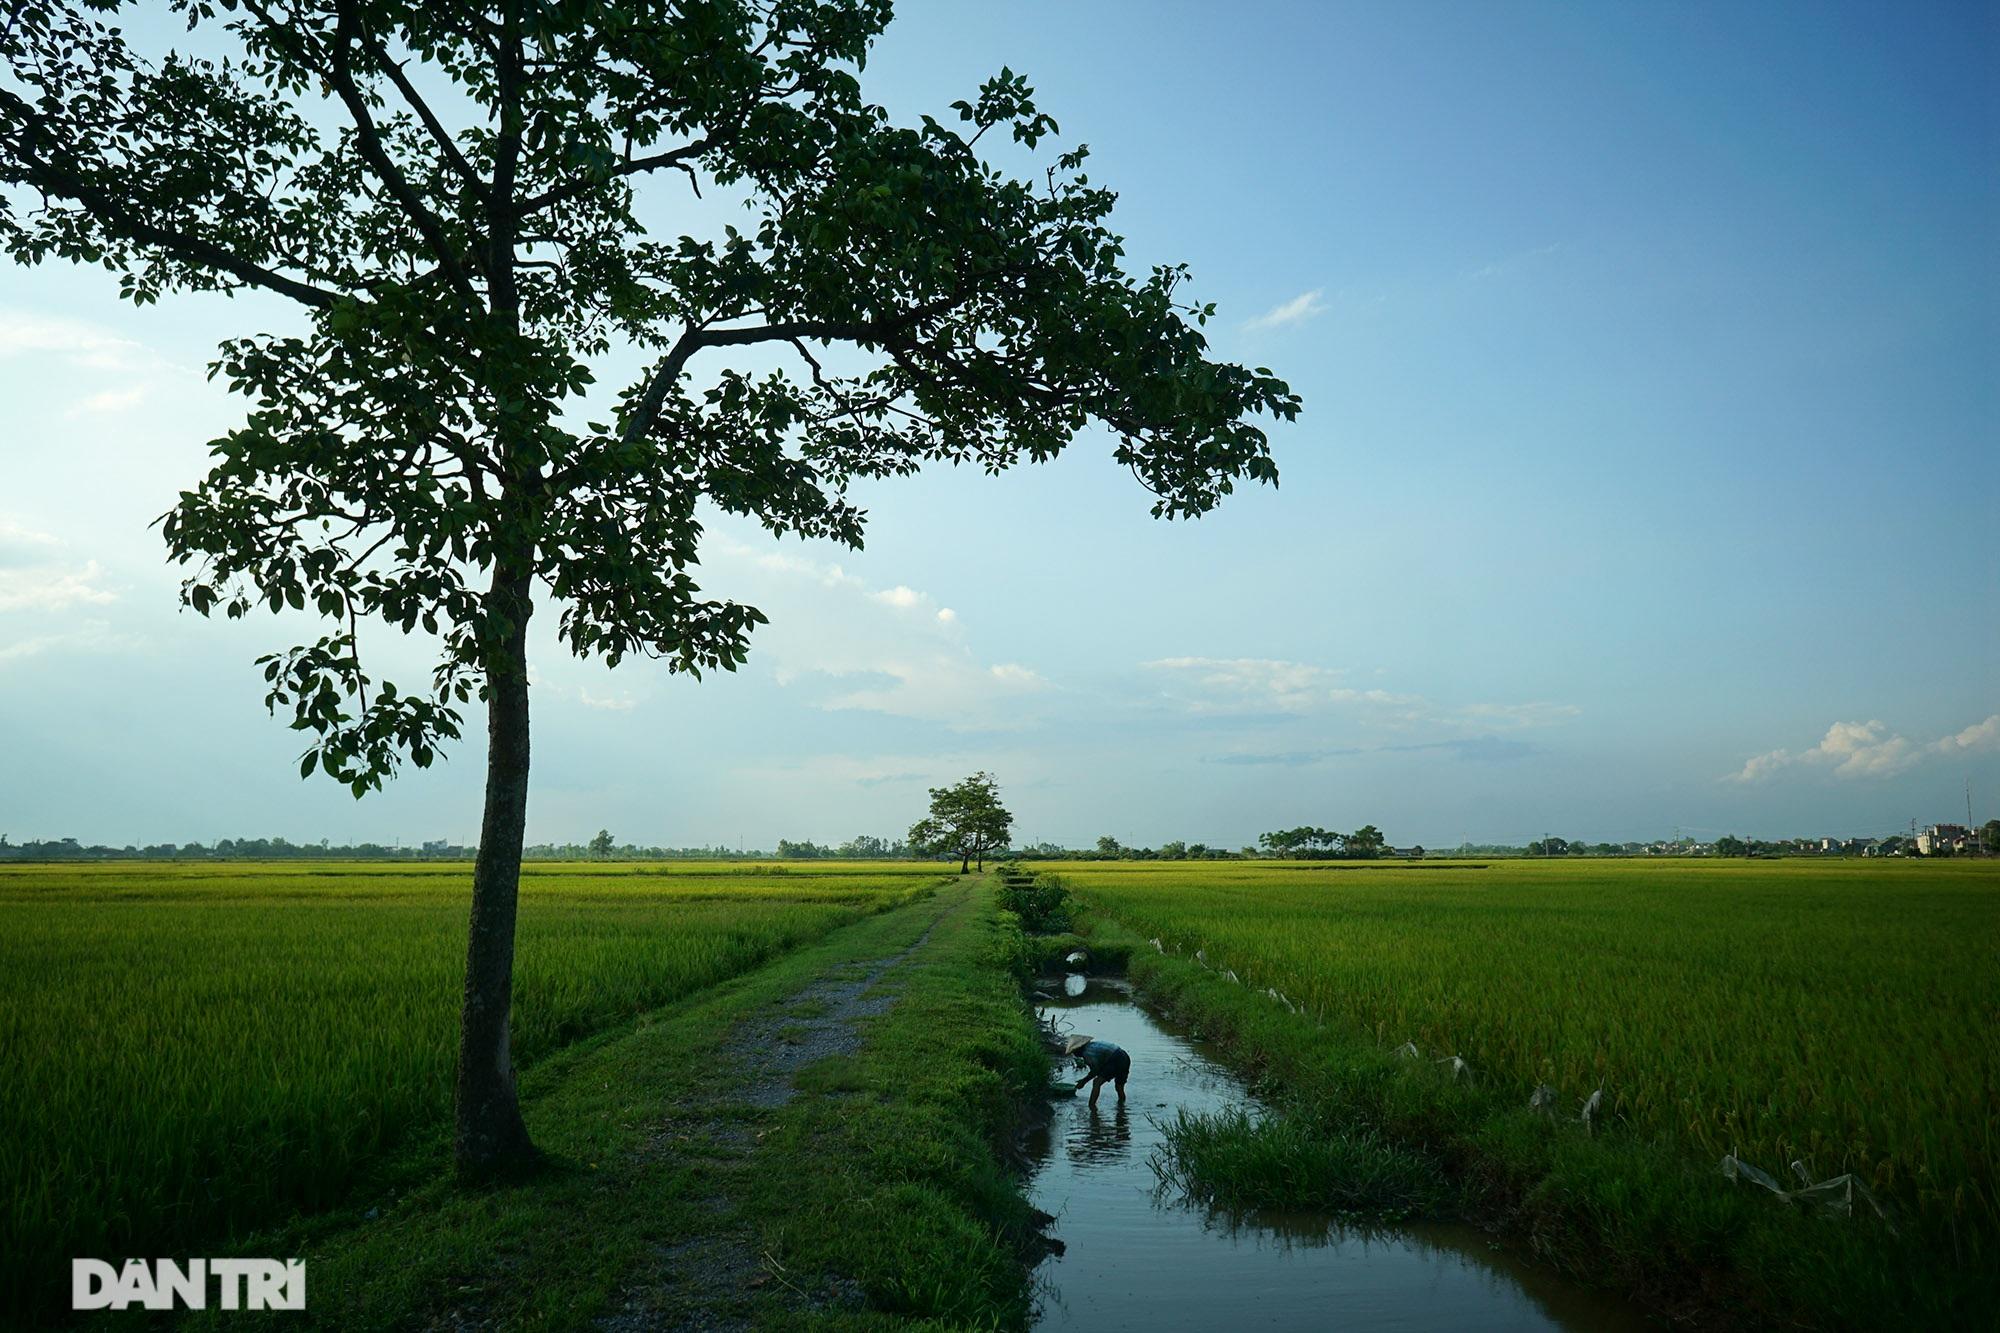 Bình yên những chiều quê ở ngoại thành Hà Nội - 1